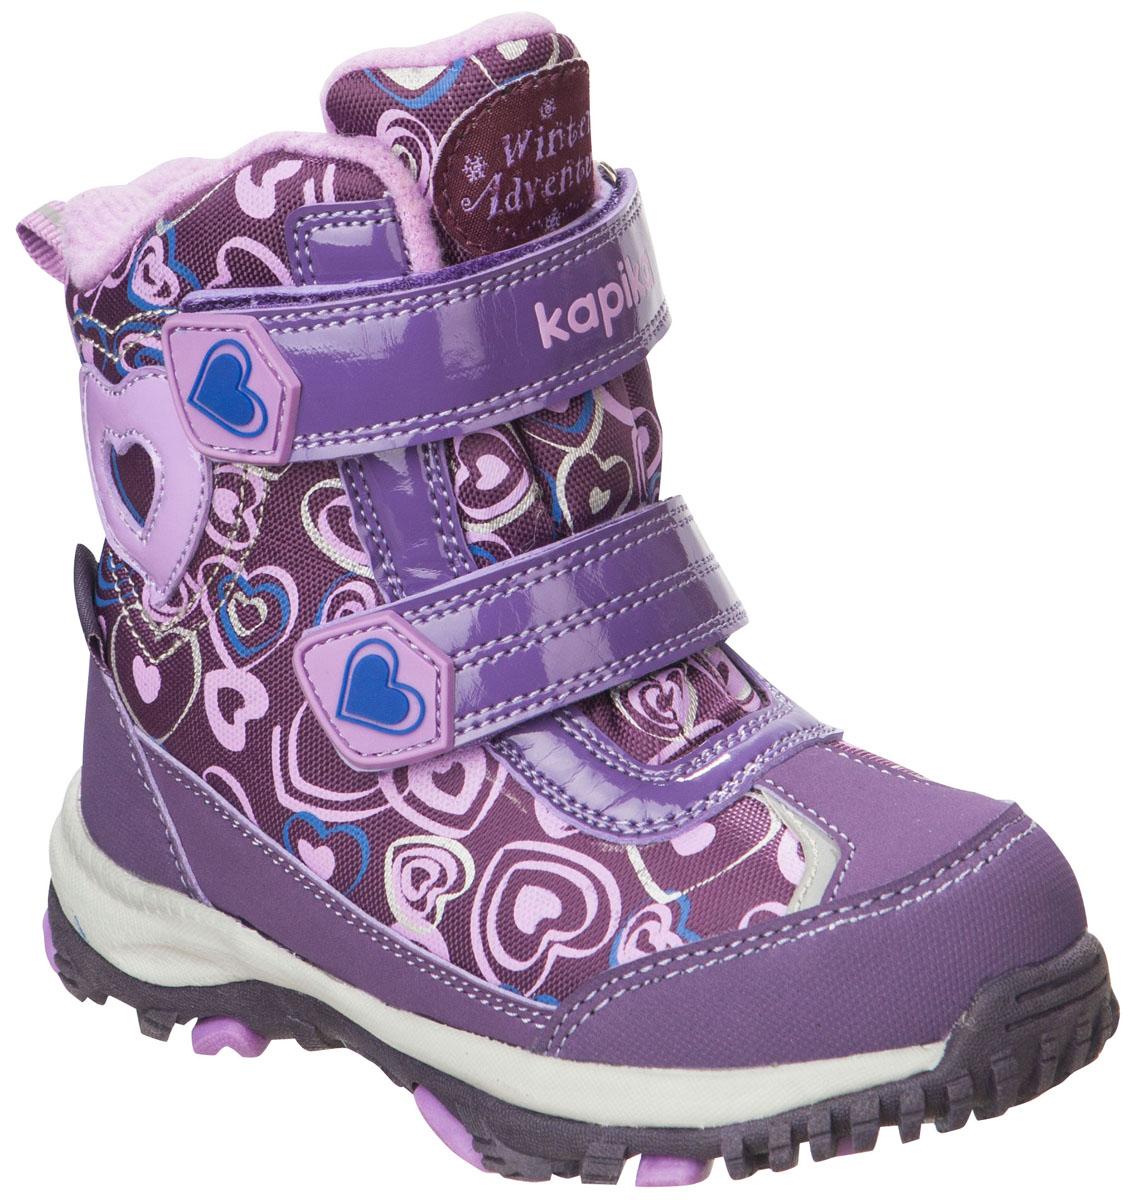 42168-1Легкие, удобные и теплые ботинки от Kapika выполнены из мембранных материалов и искусственной кожи. Два ремешка на застежках-липучках надежно фиксируют изделие на ноге. Мягкая подкладка и стелька из шерсти обеспечивают тепло, циркуляцию воздуха и сохраняют комфортный микроклимат в обуви. Подошва с протектором гарантирует идеальное сцепление с любыми поверхностями. Идеальная зимняя обувь для активных детей. Модель большемерит на 1 размер.